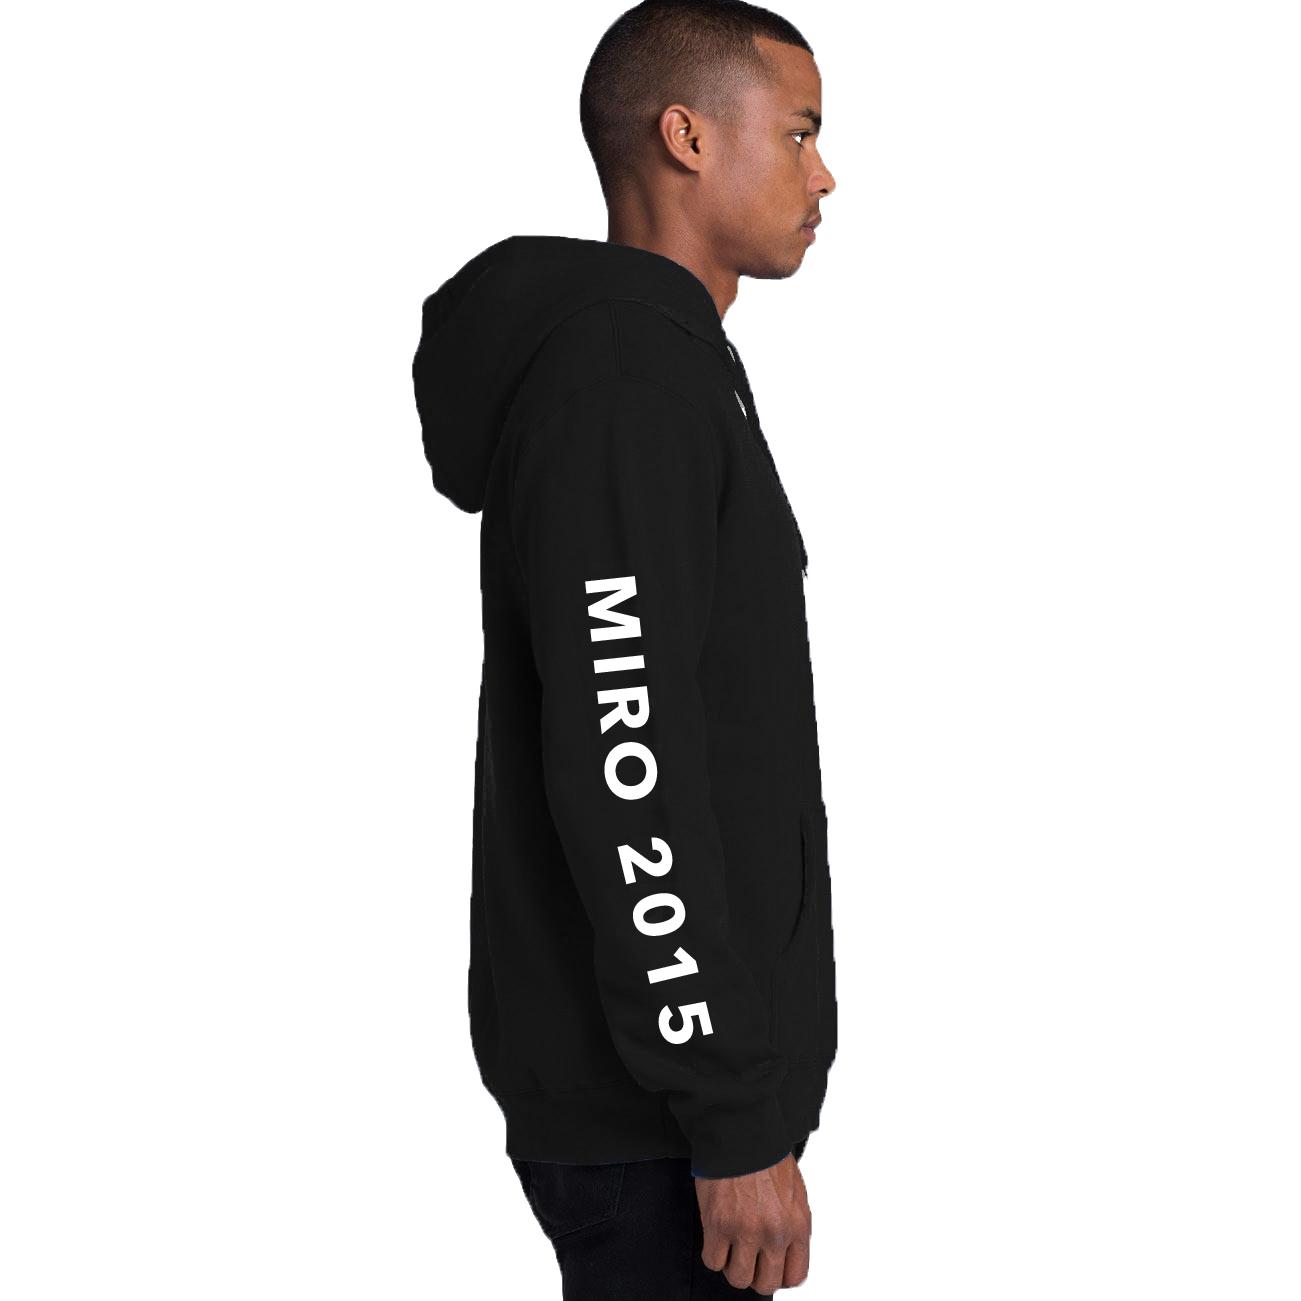 Miro-Hall-hoodie-side.jpg